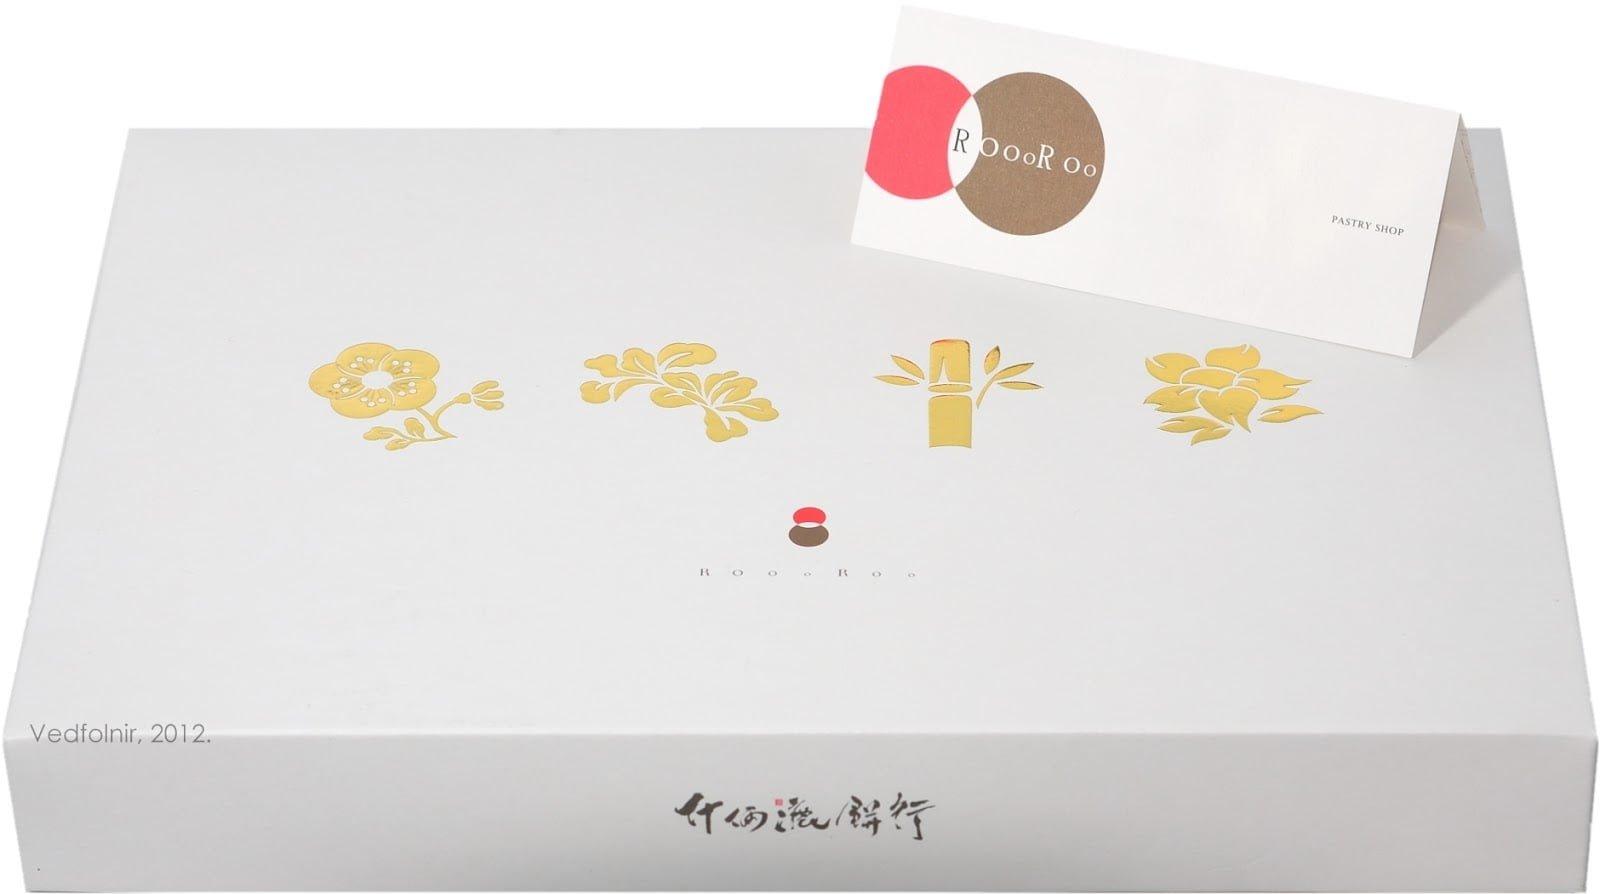 foodimg-roooroo-cake-biscuit-cookie-snack-什倆漉餅行-vedfolnir-white-box